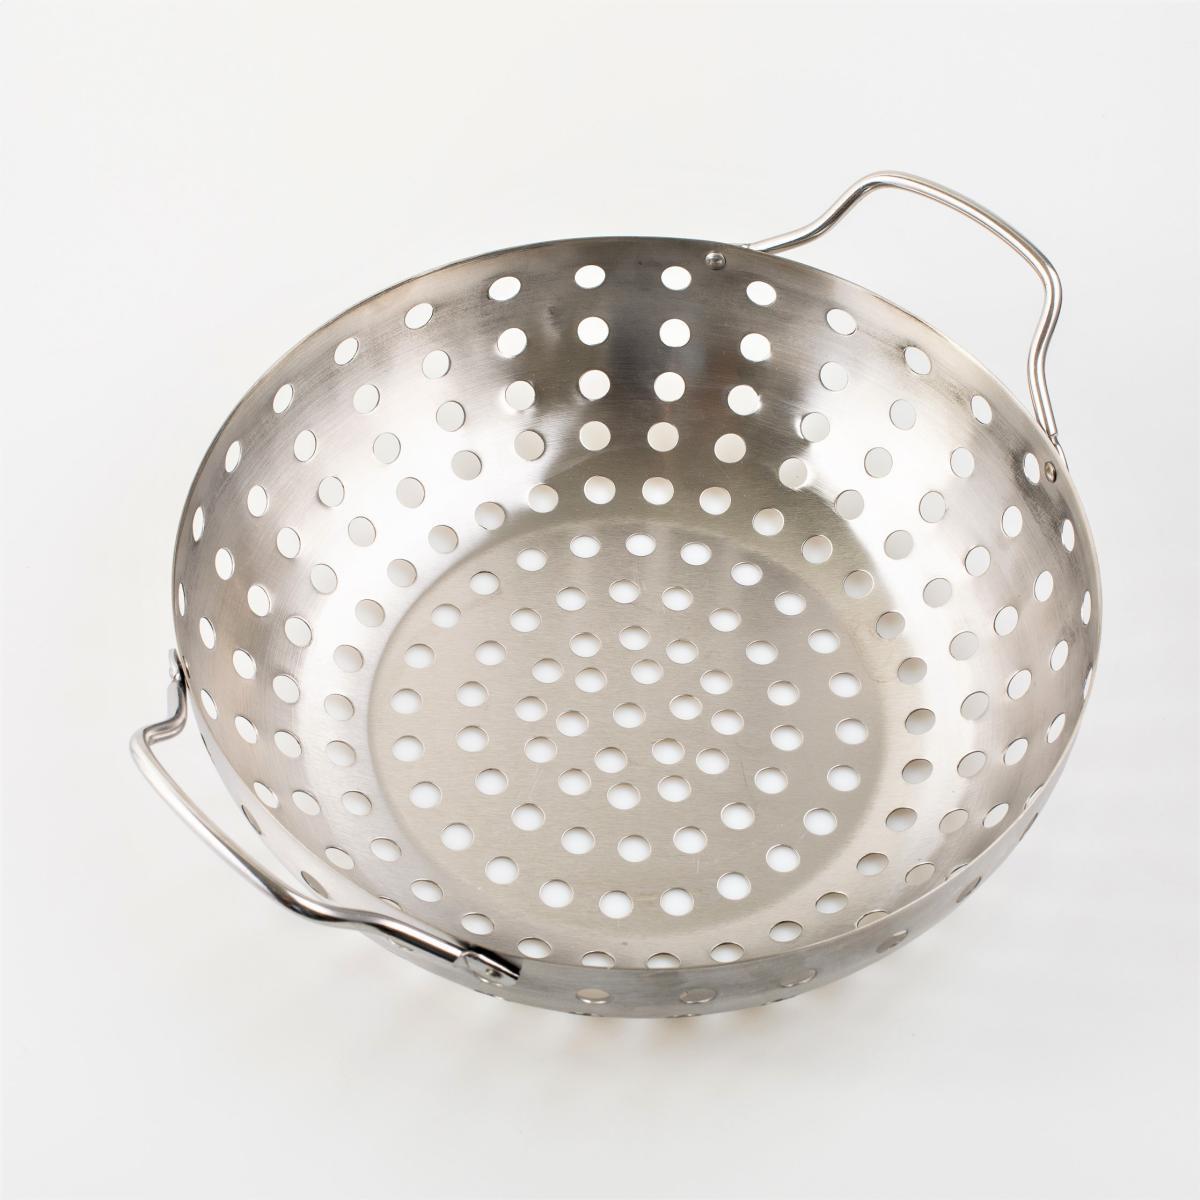 Assadeira Wok Aço Inox 28 cm para Grelhar em Churrasqueira Prana